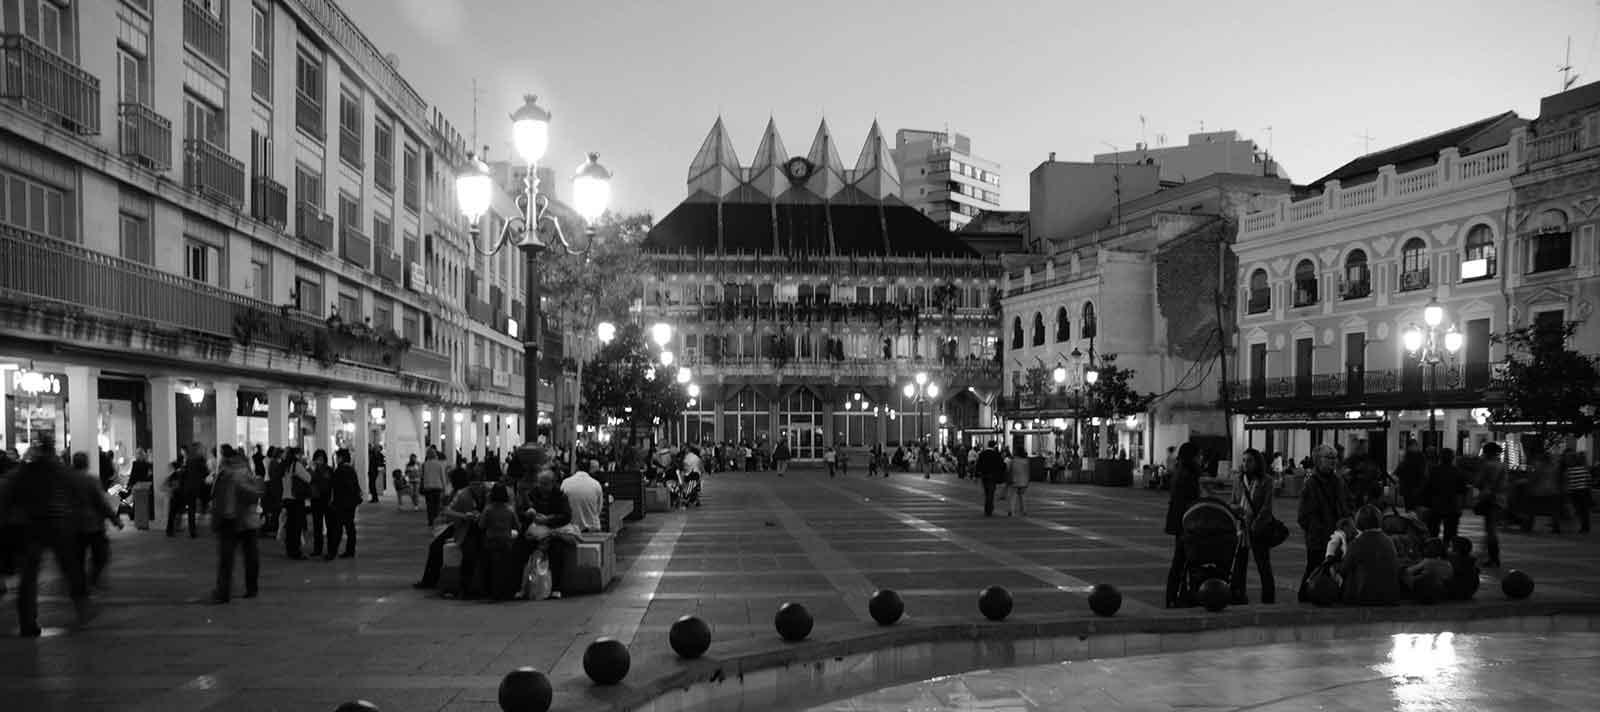 Encuentra todos los productos de imprenta que necesitas en Ciudad Real